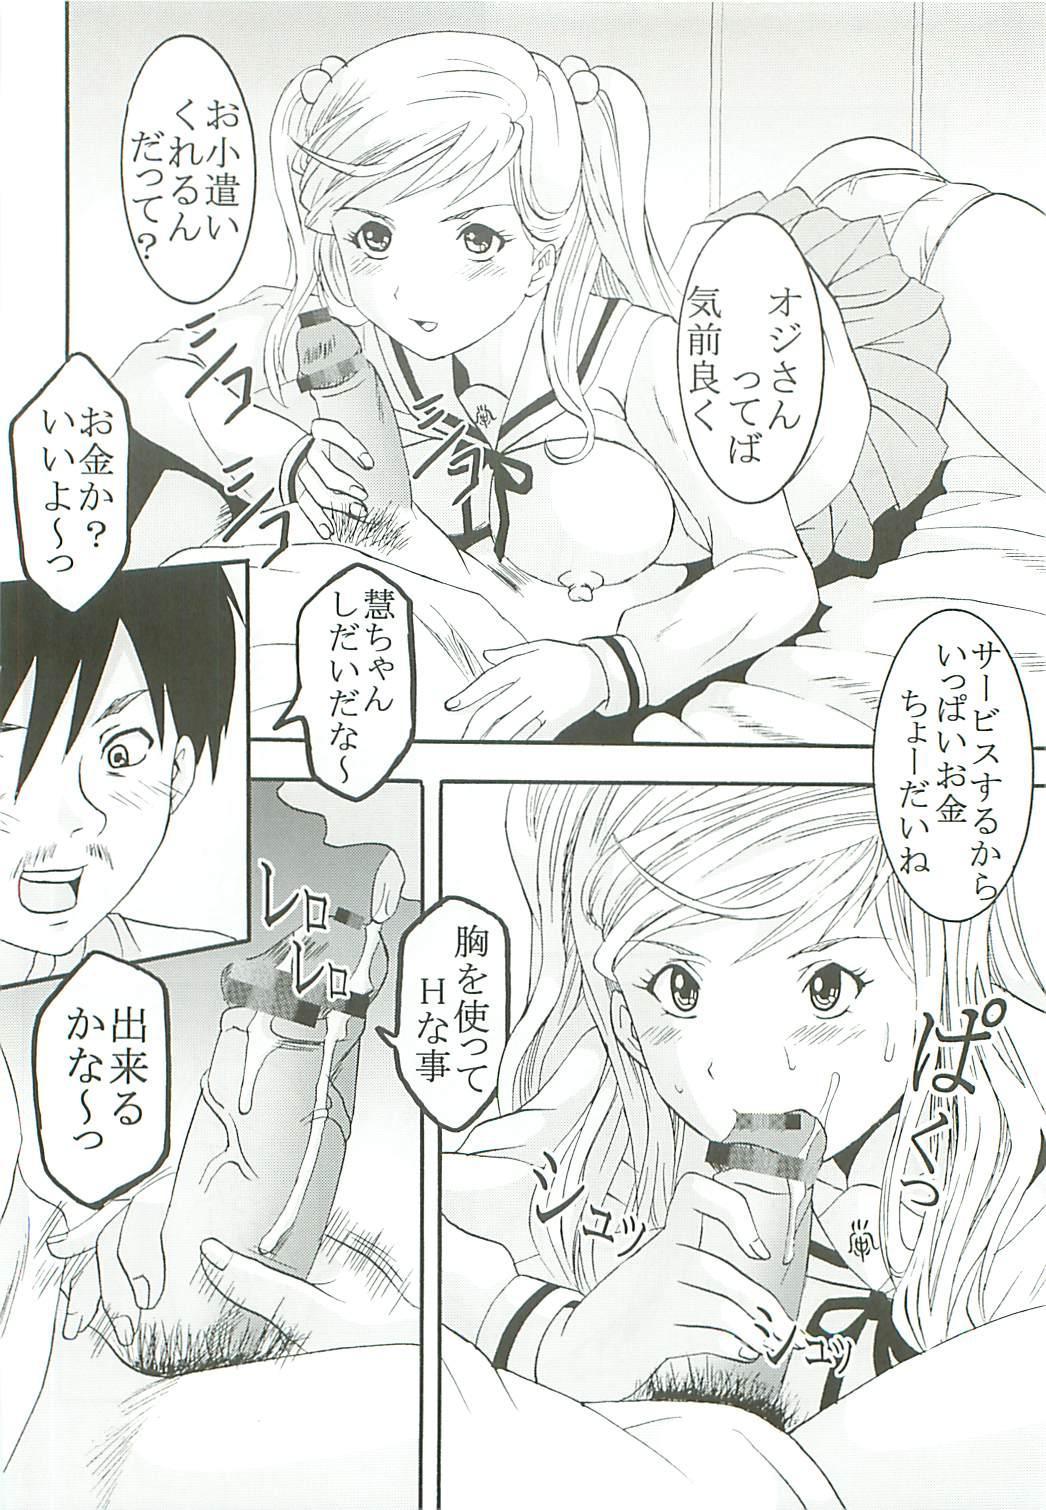 Chitsui Gentei Nakadashi Limited vol.4 26